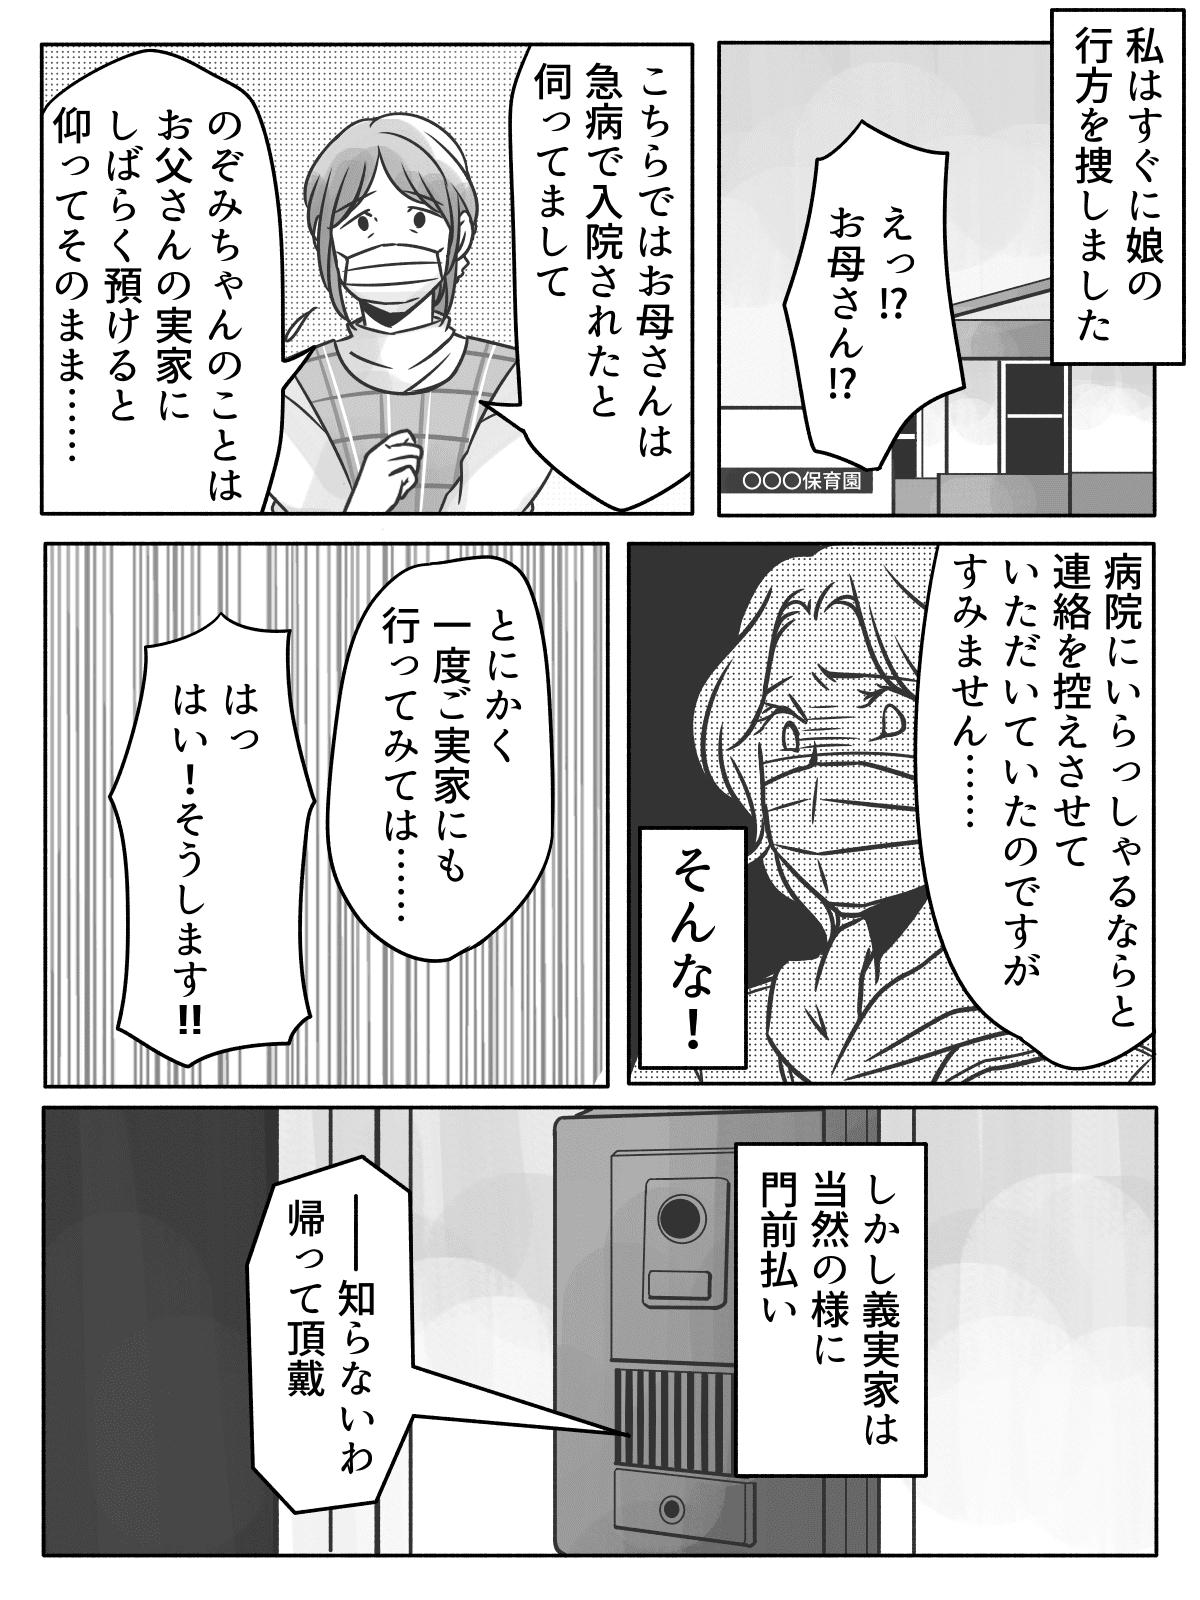 新連載【第1話】夫の不倫が原因で離婚!